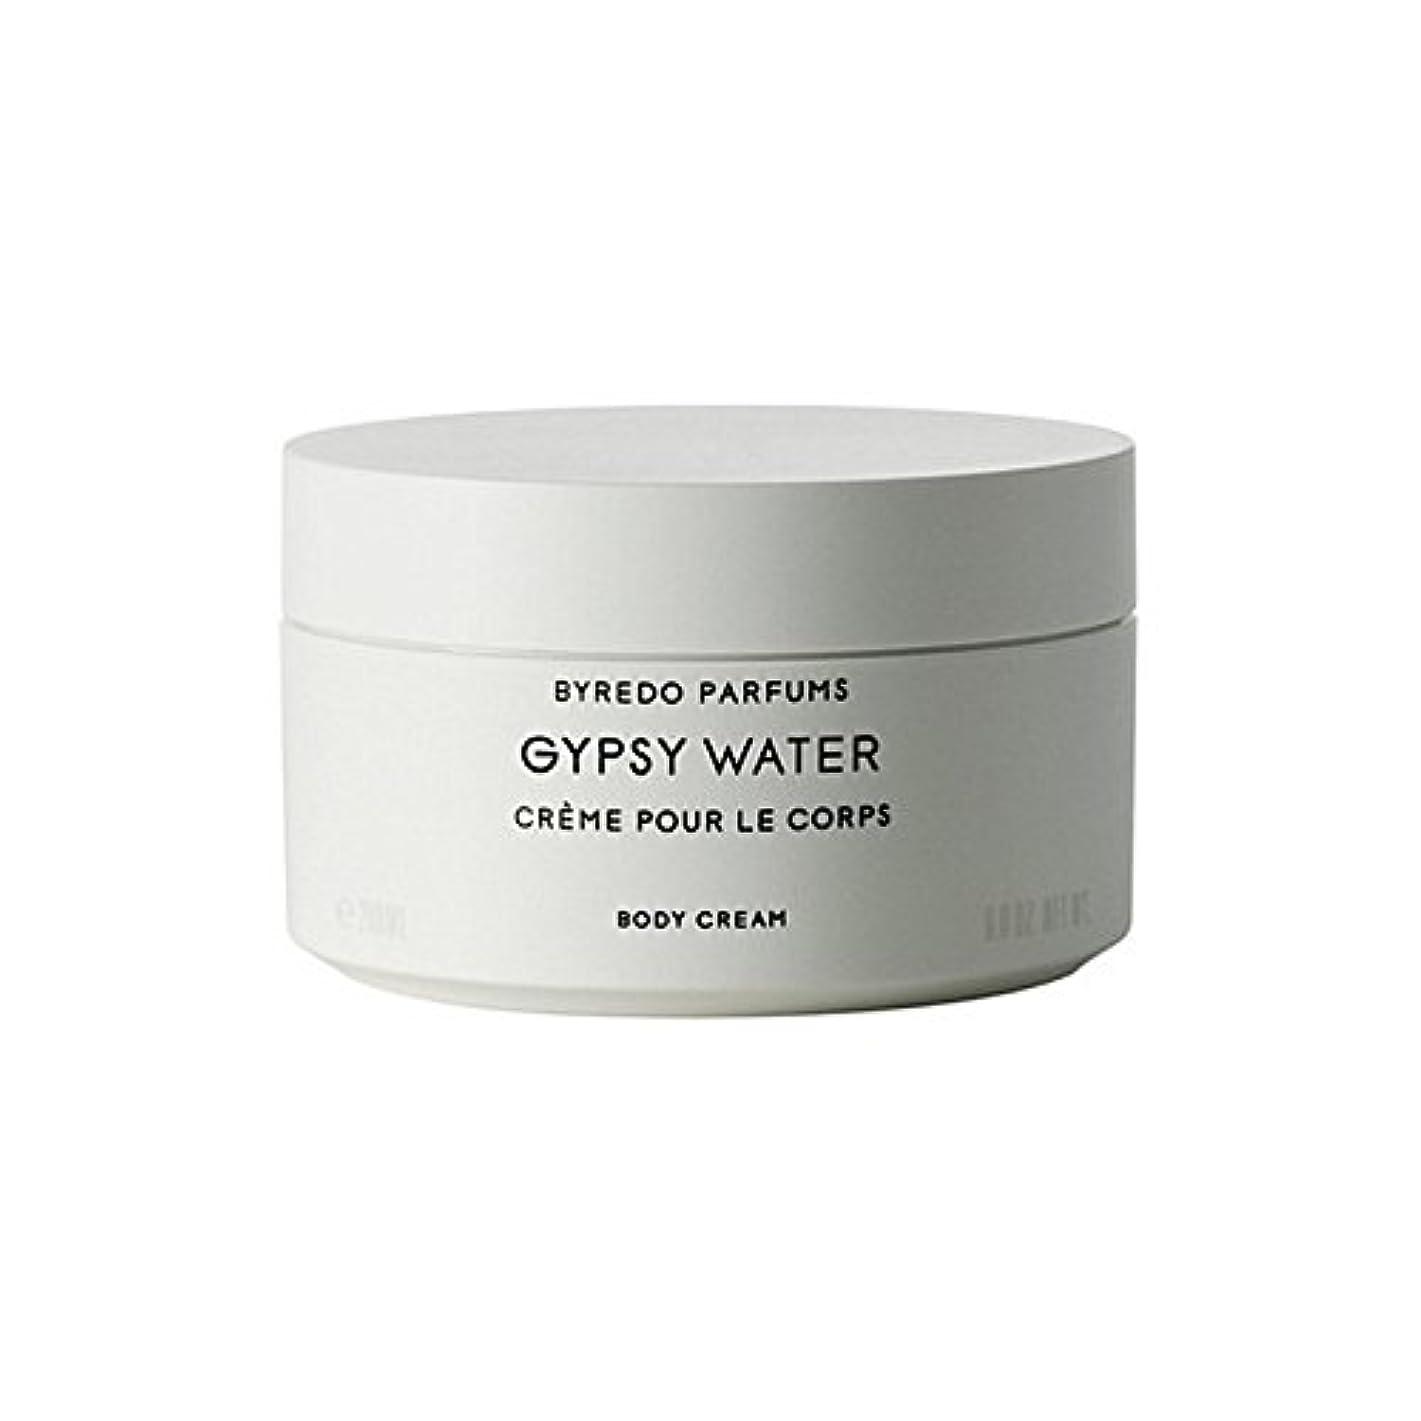 サミュエル必要条件ディベートByredo Gypsy Water Body Cream 200ml - ジプシー水ボディクリーム200ミリリットル [並行輸入品]